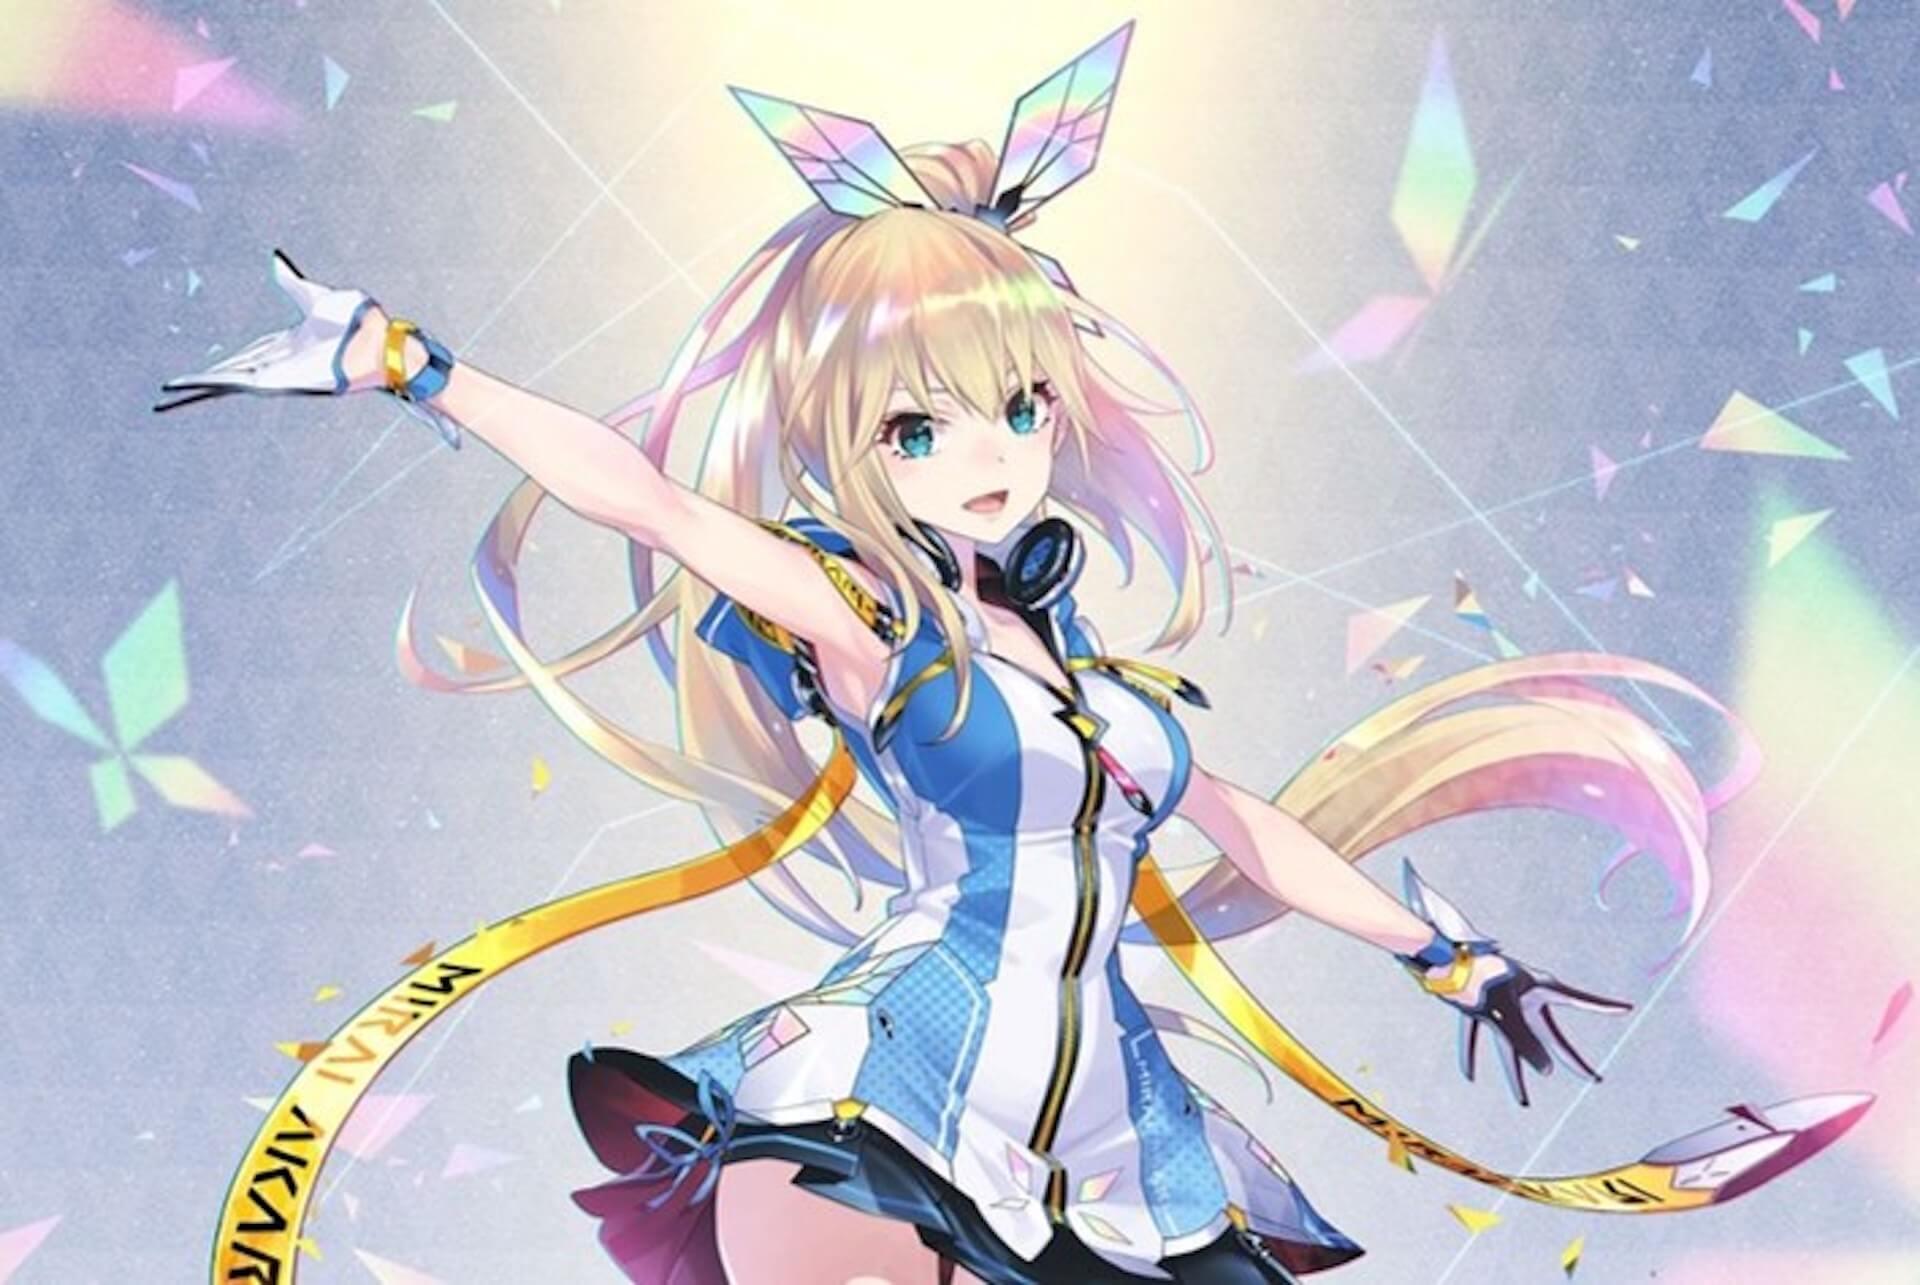 <バーチャル渋谷 au 5G ハロウィーンフェス>がついに本日開幕!最終日はEllen Allien、SURGEONら参加のDOMMUNEコラボイベントも実施 music201026_shibuya_halloween_1